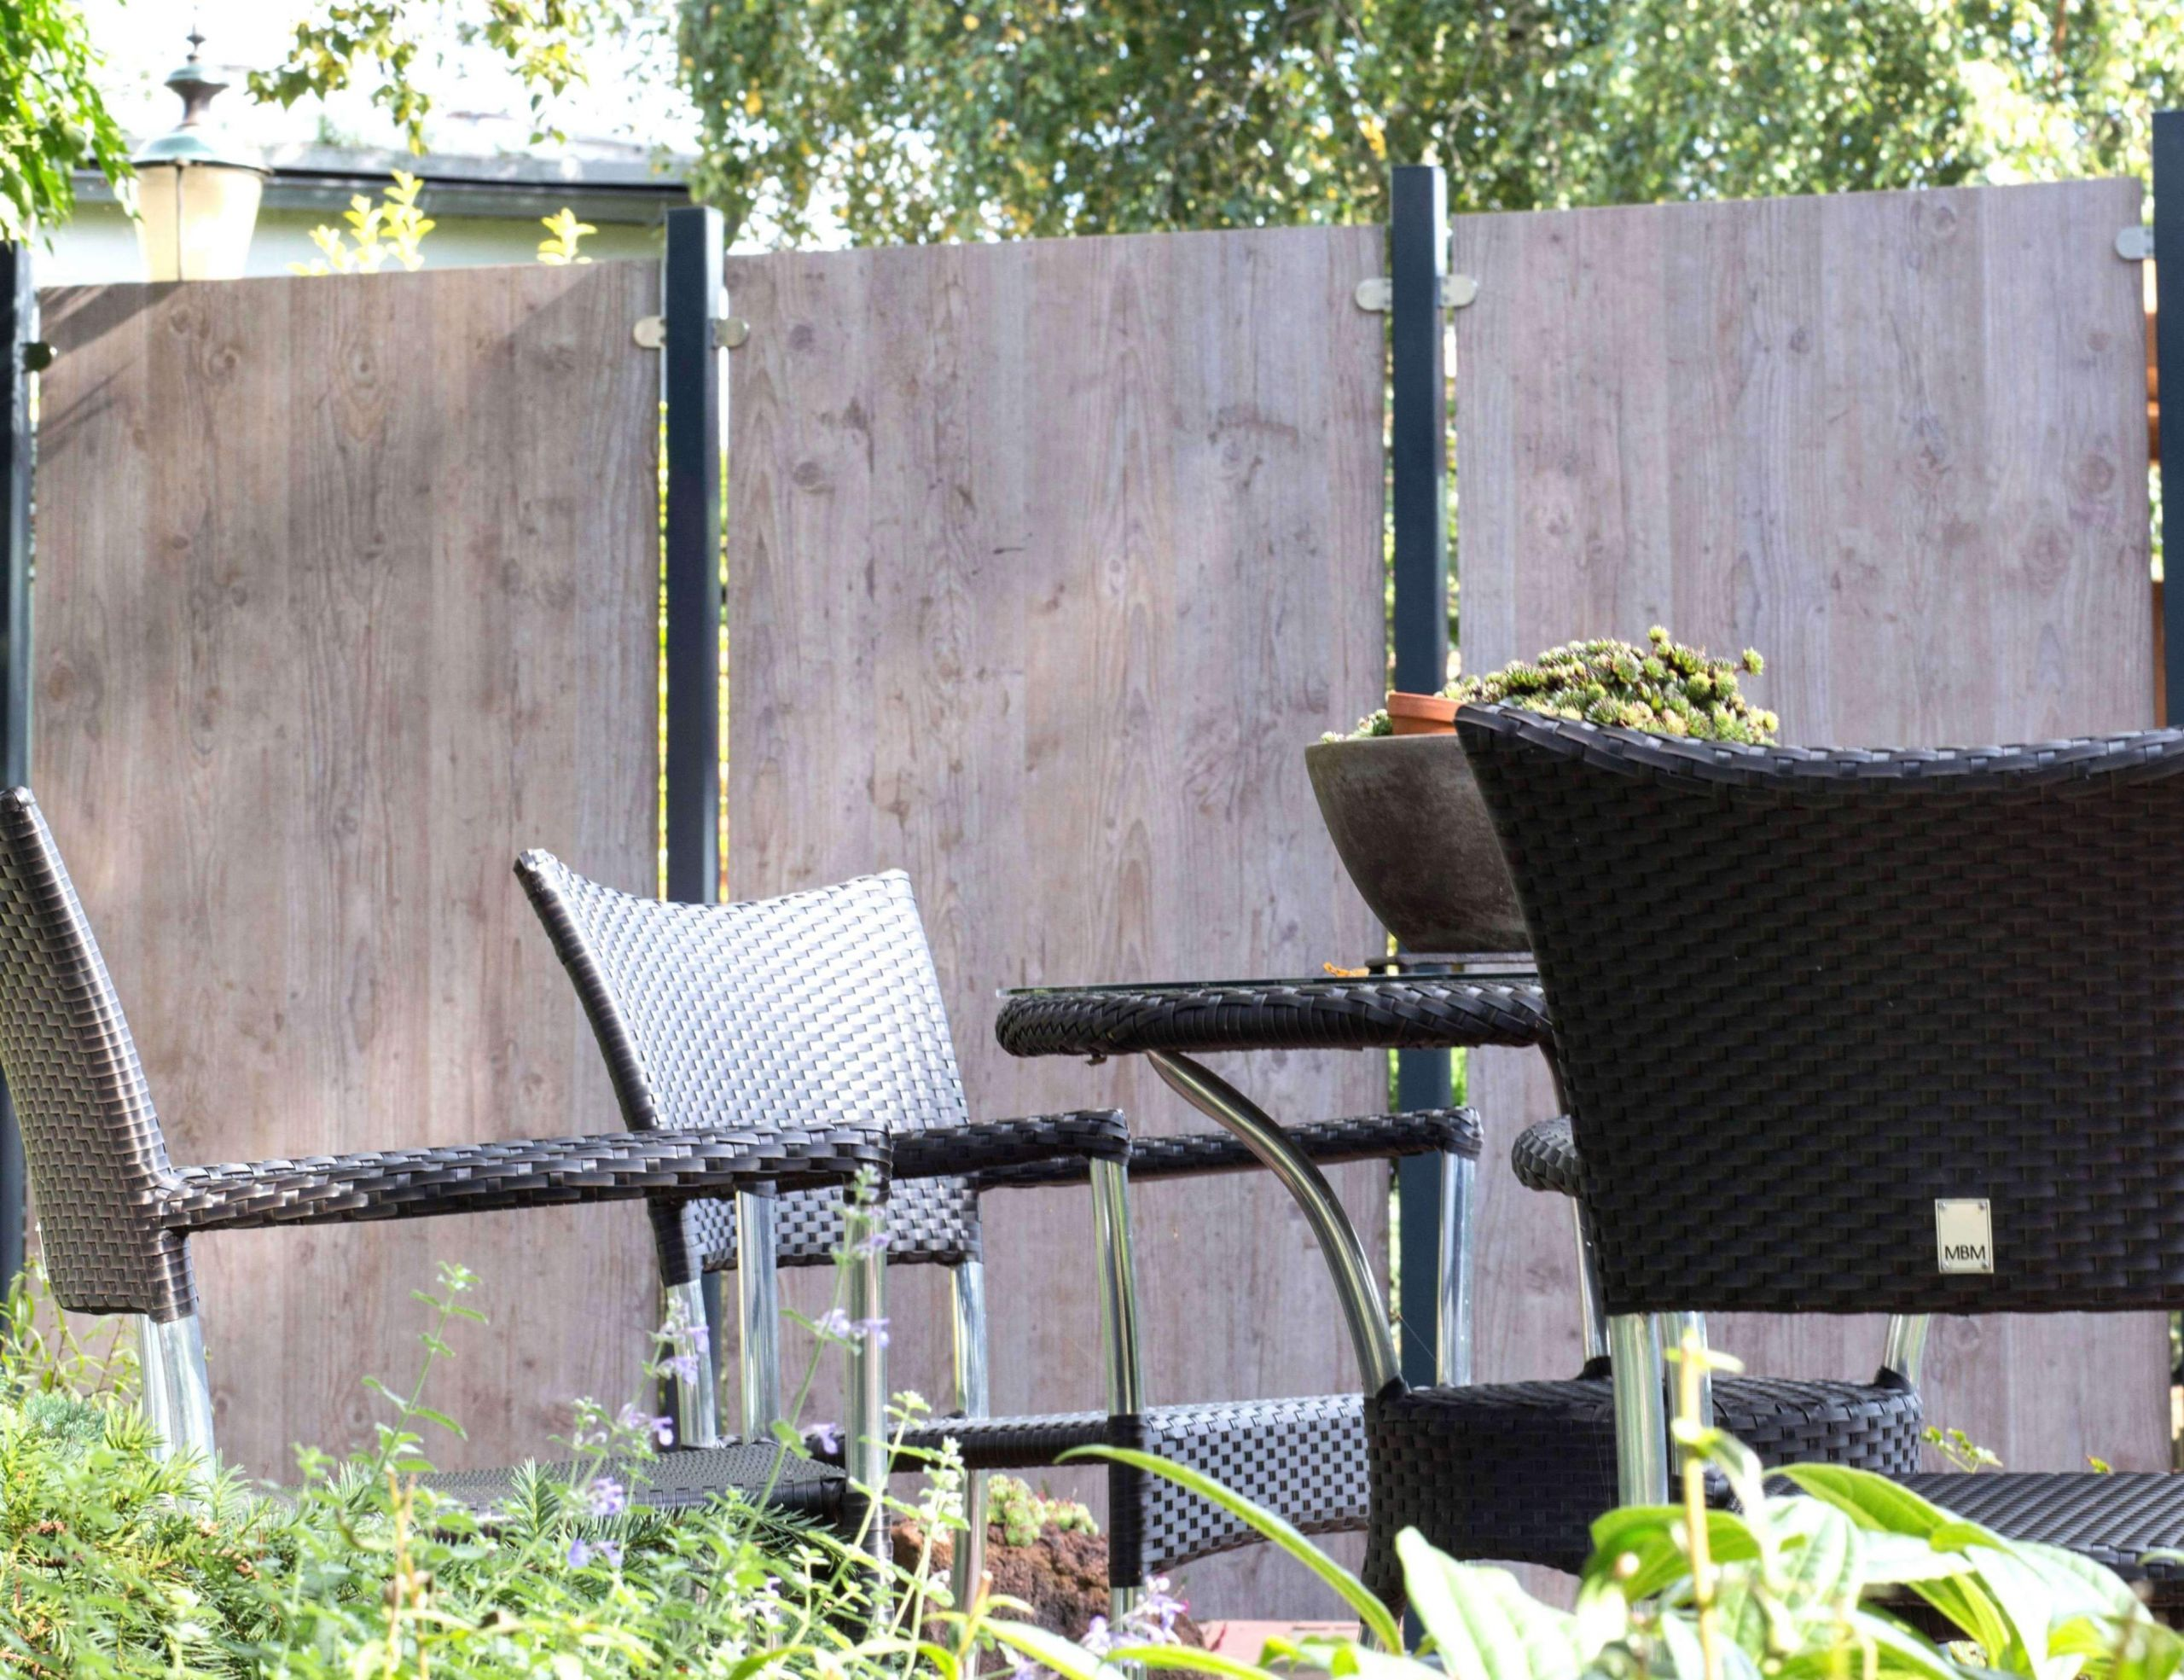 blumen garten elegant sichtschutz garten terrasse beste garten sichtschutz pflanzen garten sichtschutz pflanzen